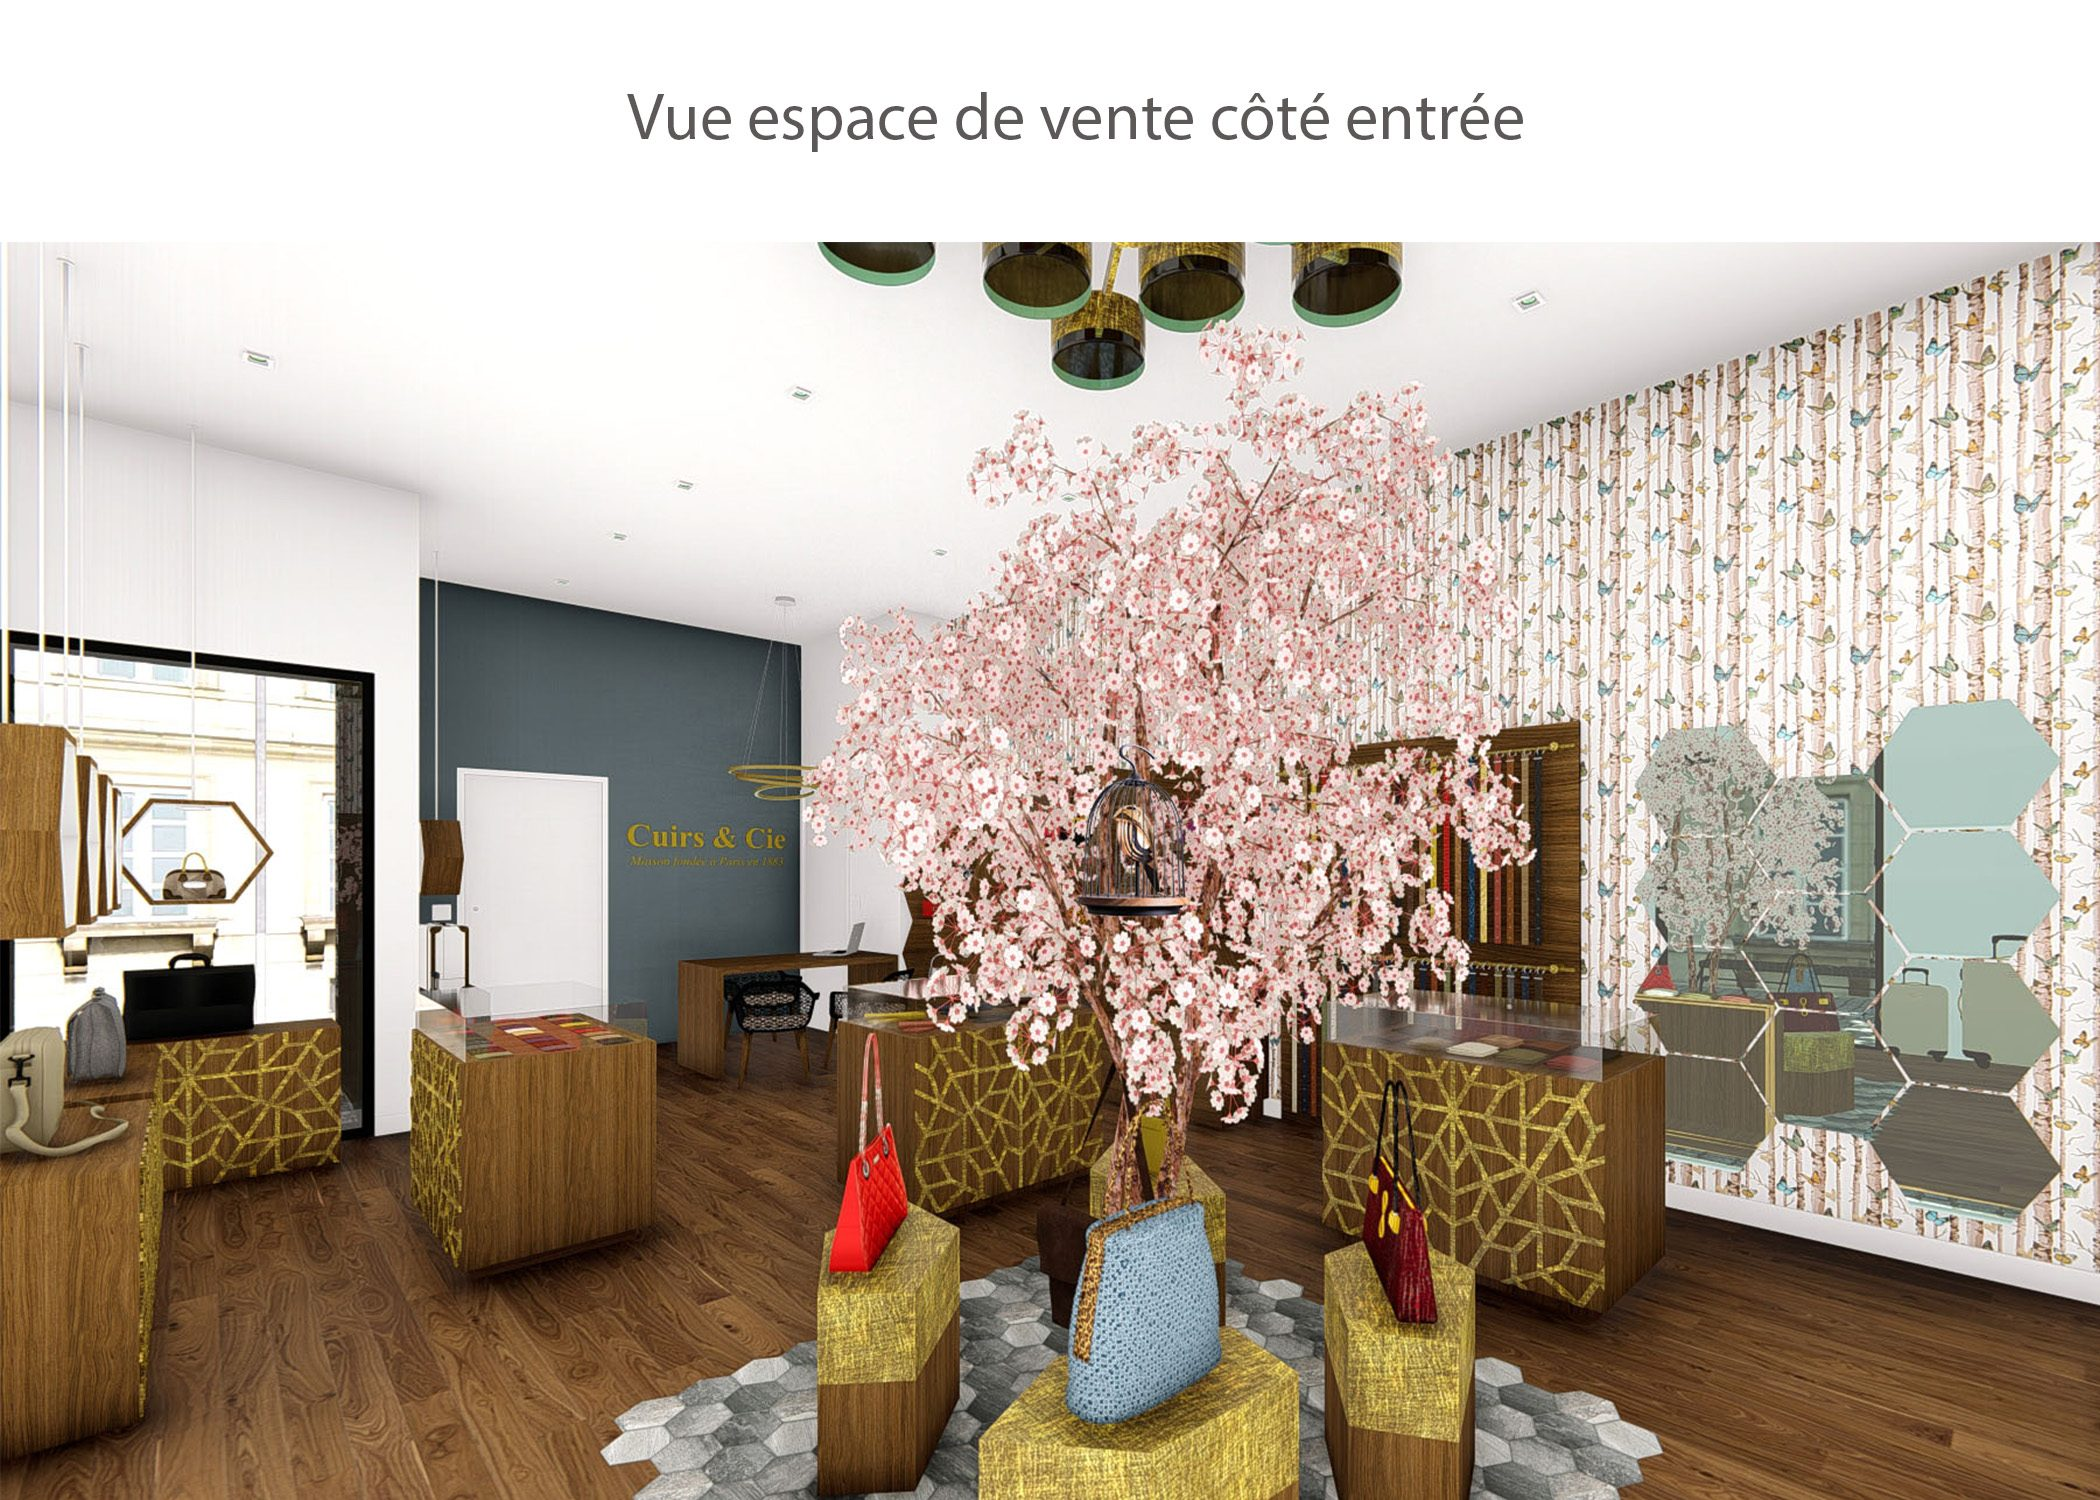 amenagement-decoration-magasin de luxe-paris-espace de vente cote entree-dekho design